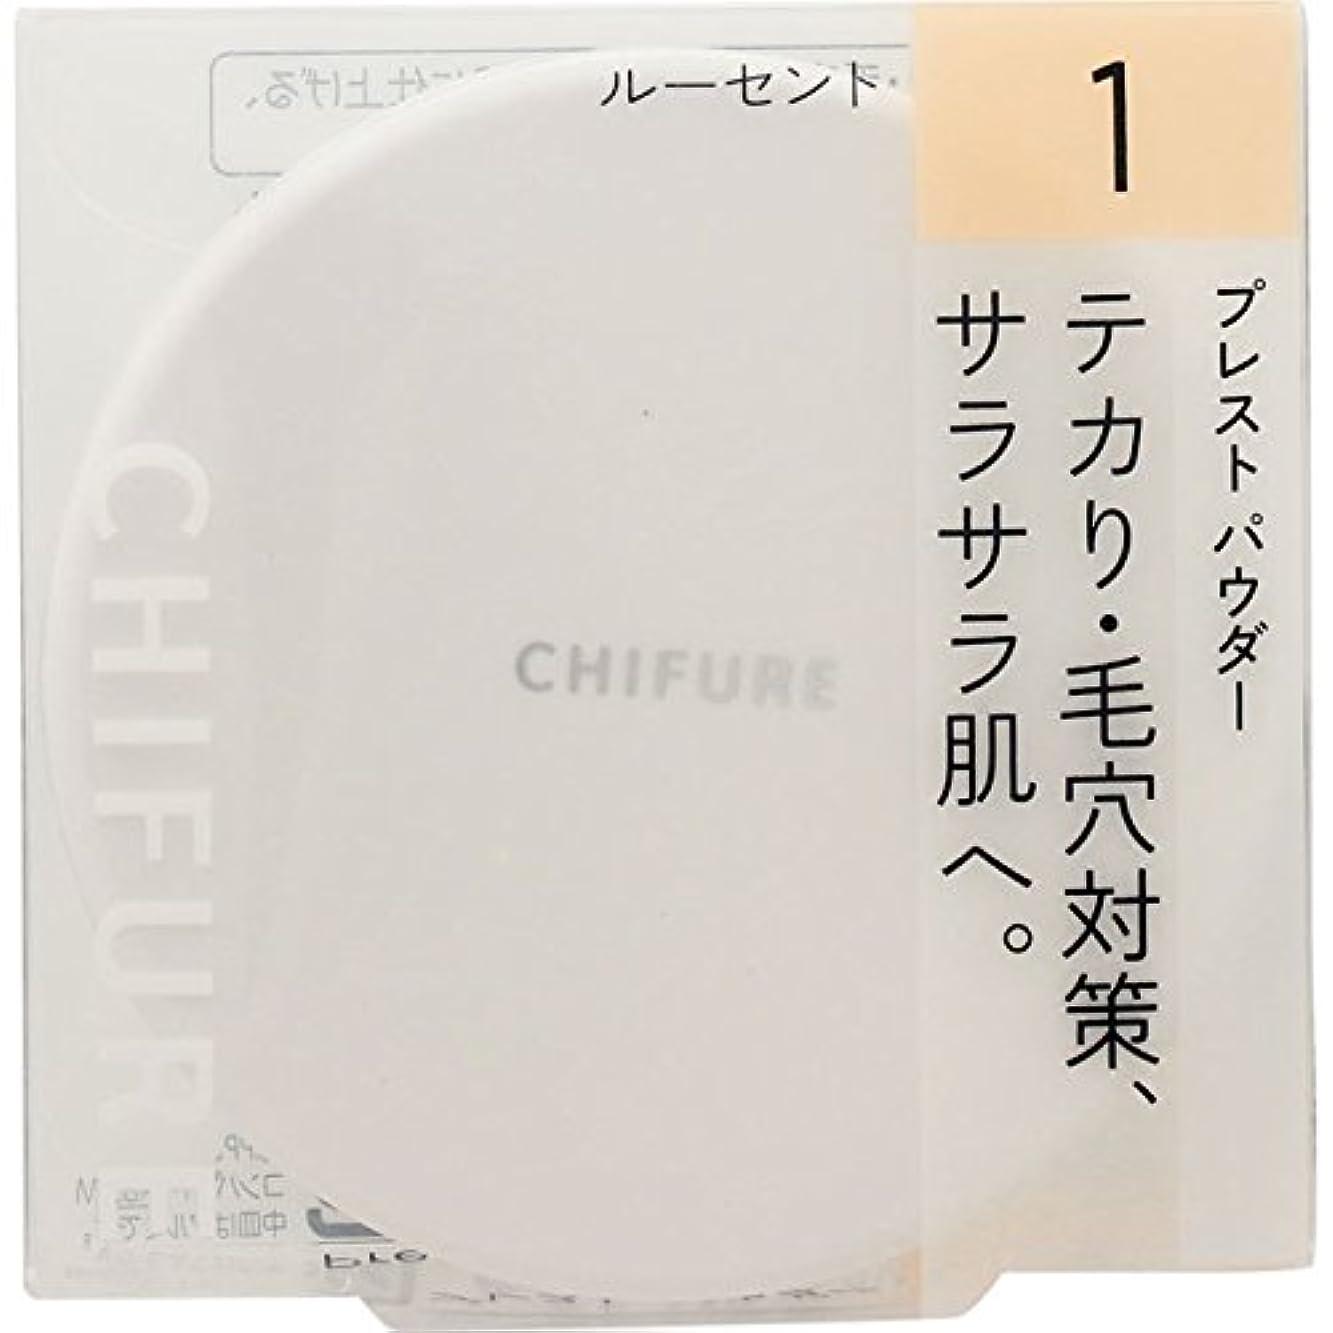 アヒル変更スペードちふれ化粧品 ちふれ プレストパウダーS 1 プレストパウダーS1